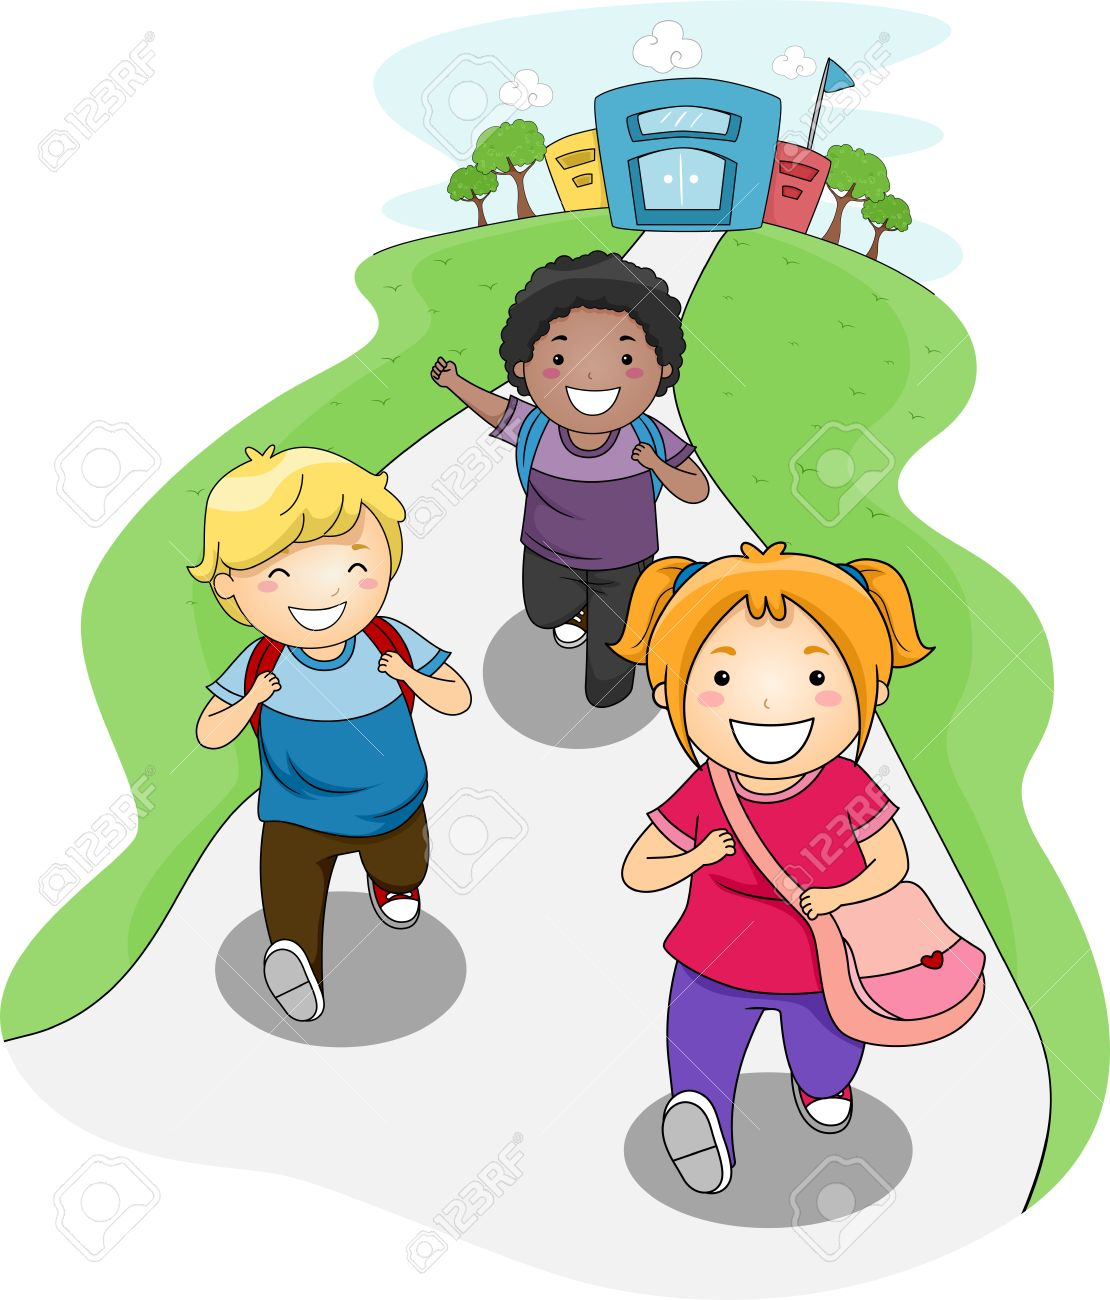 ilustración de niños ir a casa del colegio fotos retratos imágenes